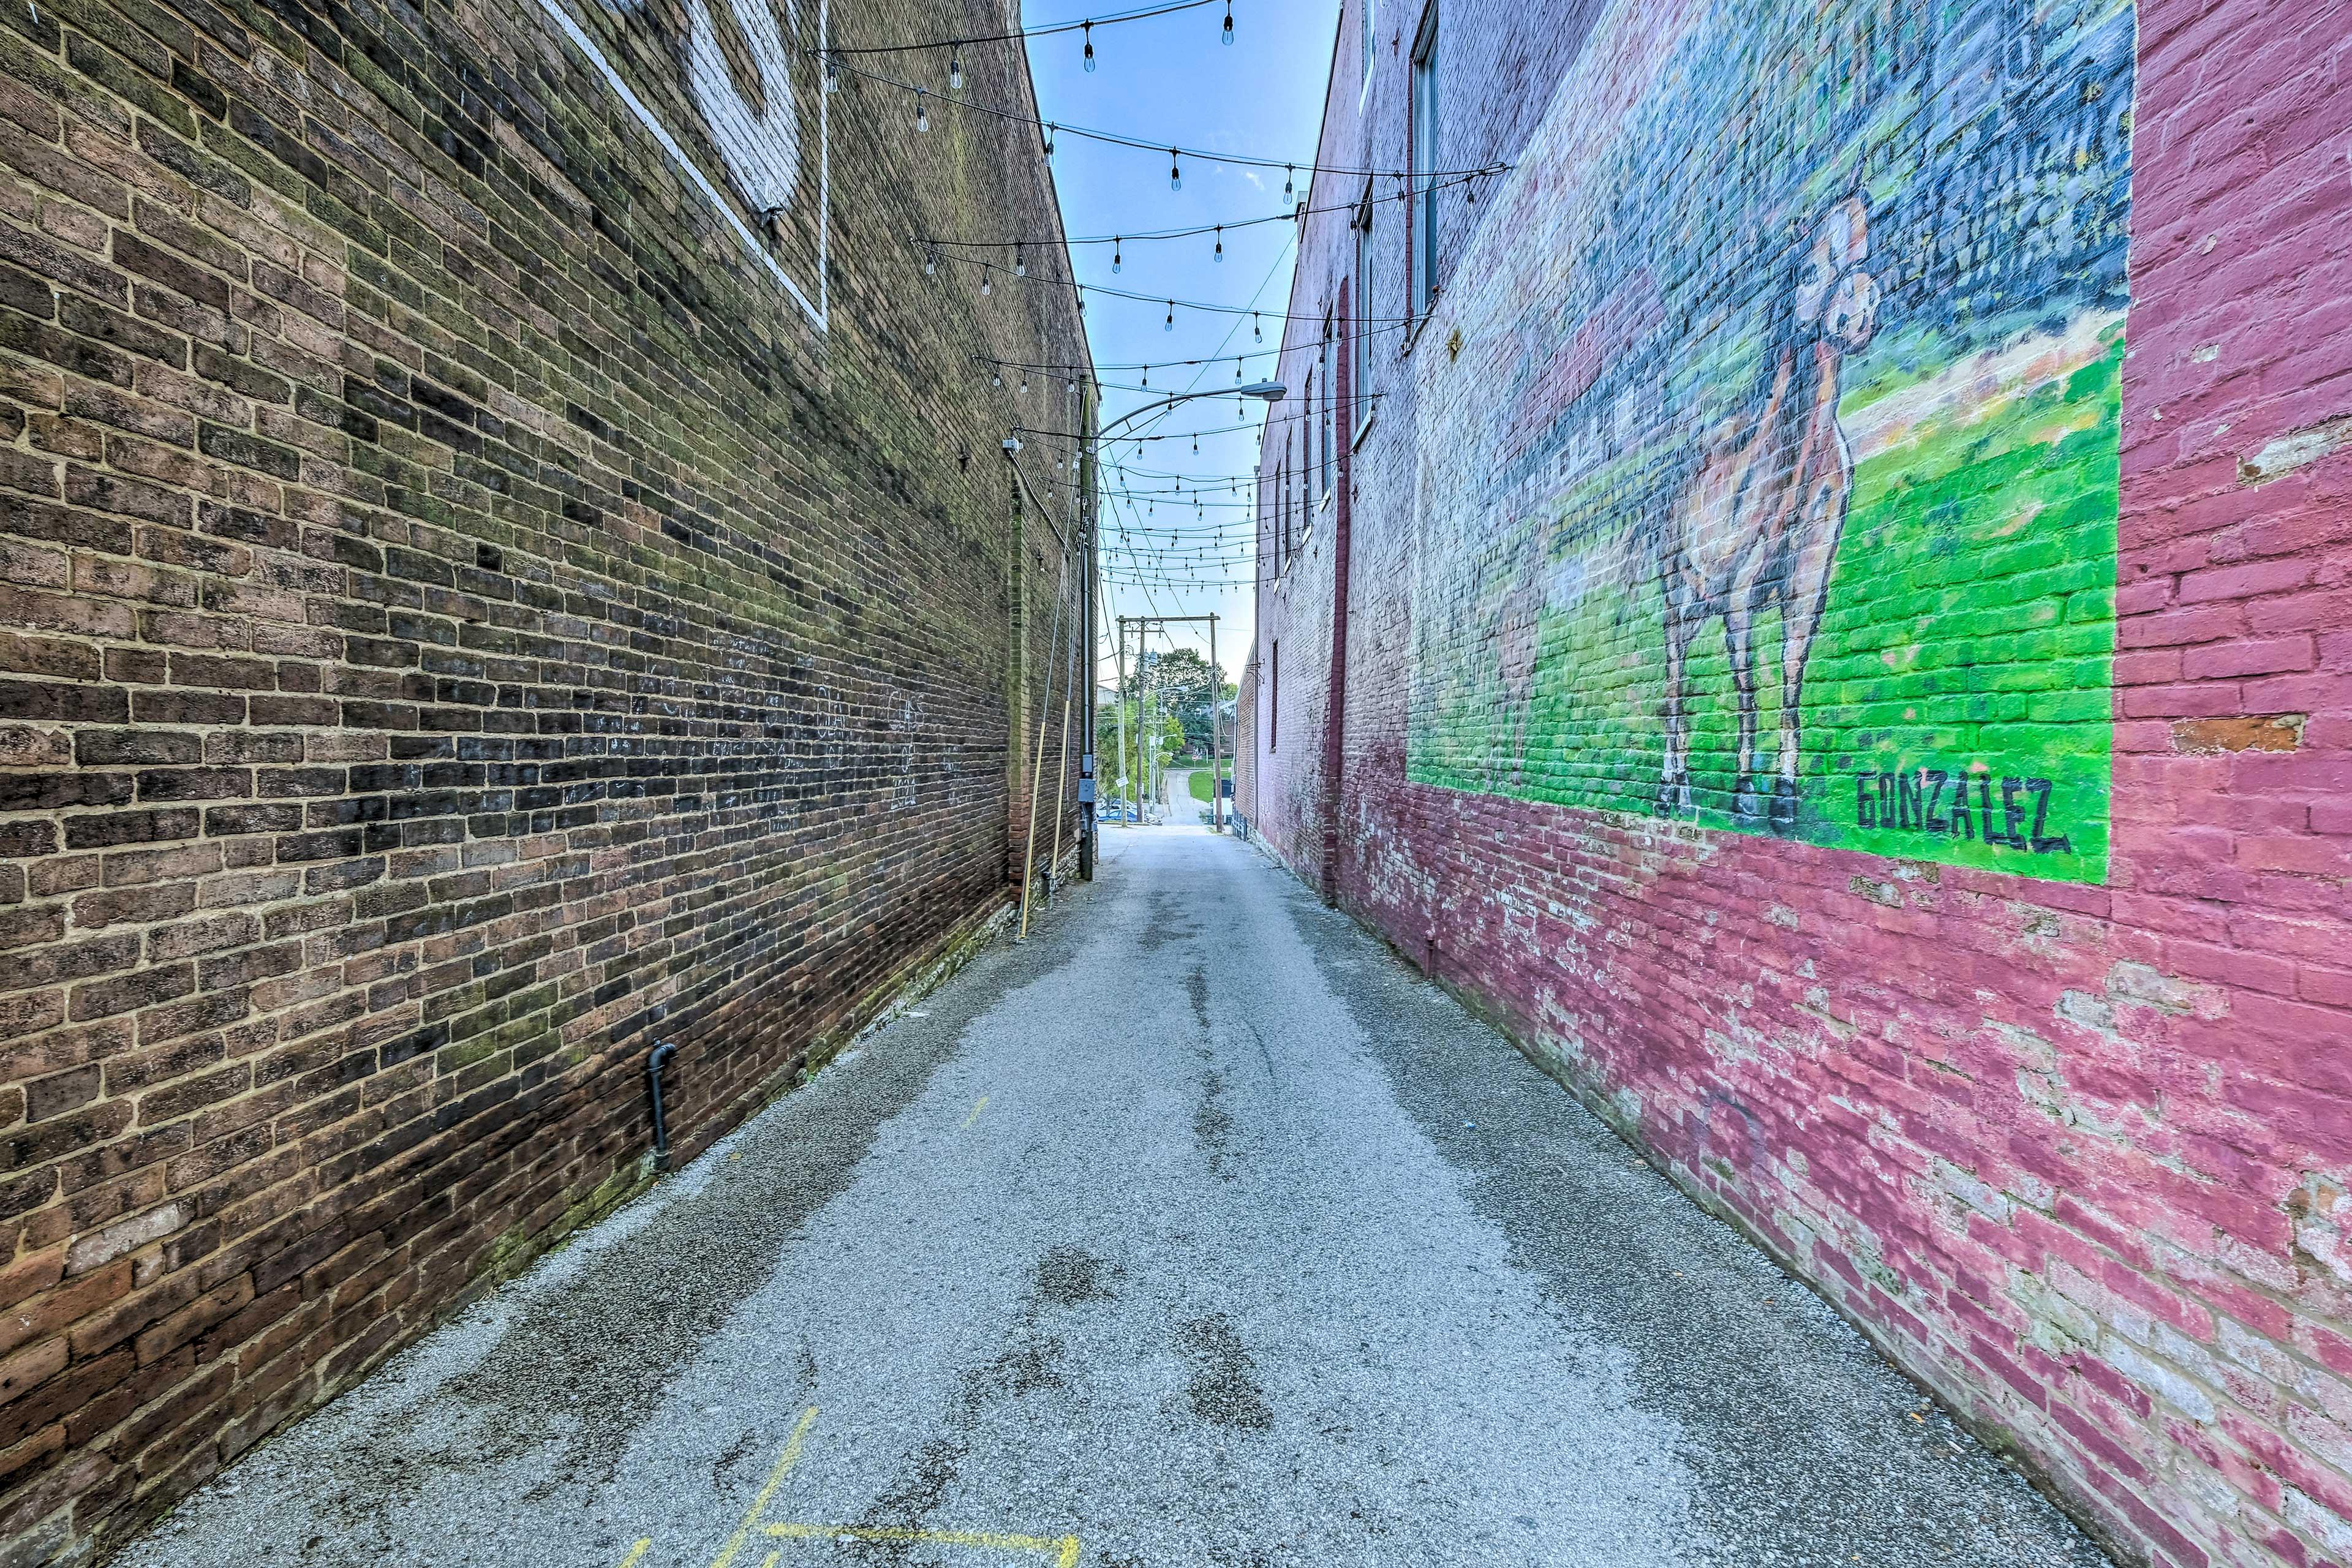 Alleyway Building Entrance